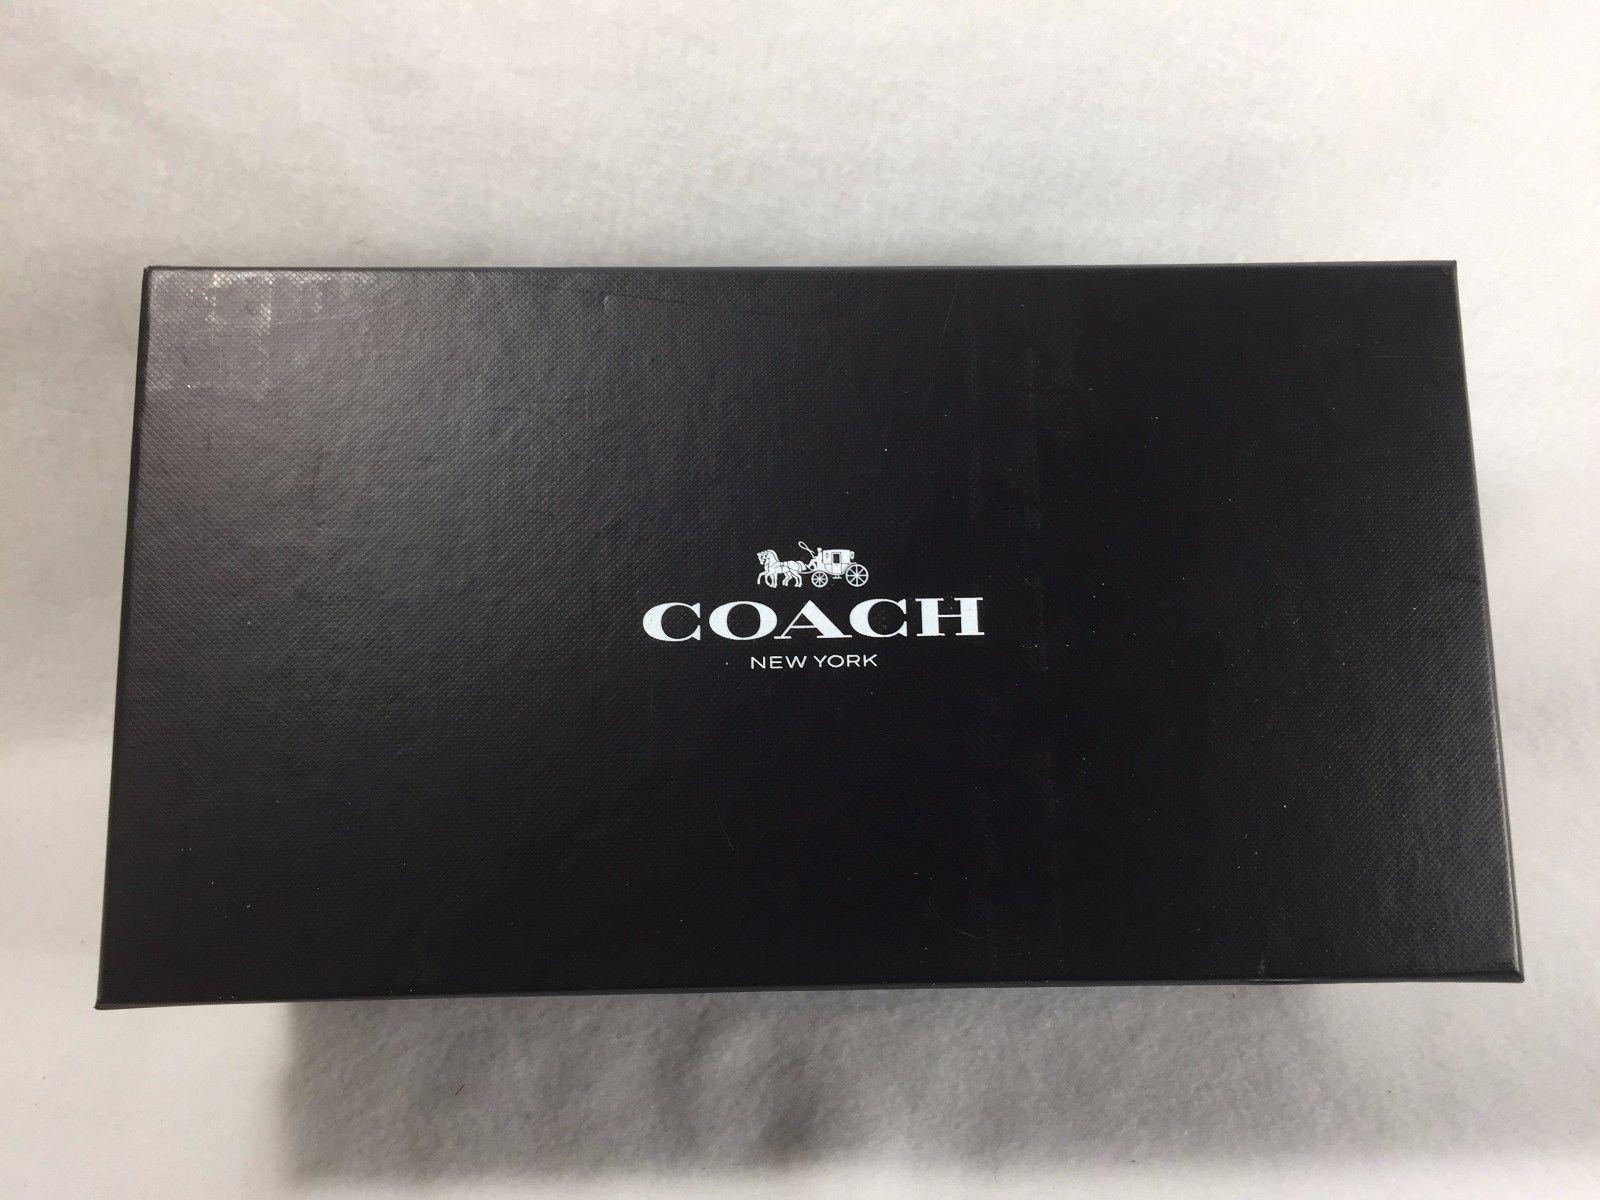 Awesome Shoebox Photo Storage #22 - Coach Shoe Box Size 7 1/2 EMPTY Storage Shoebox 21541